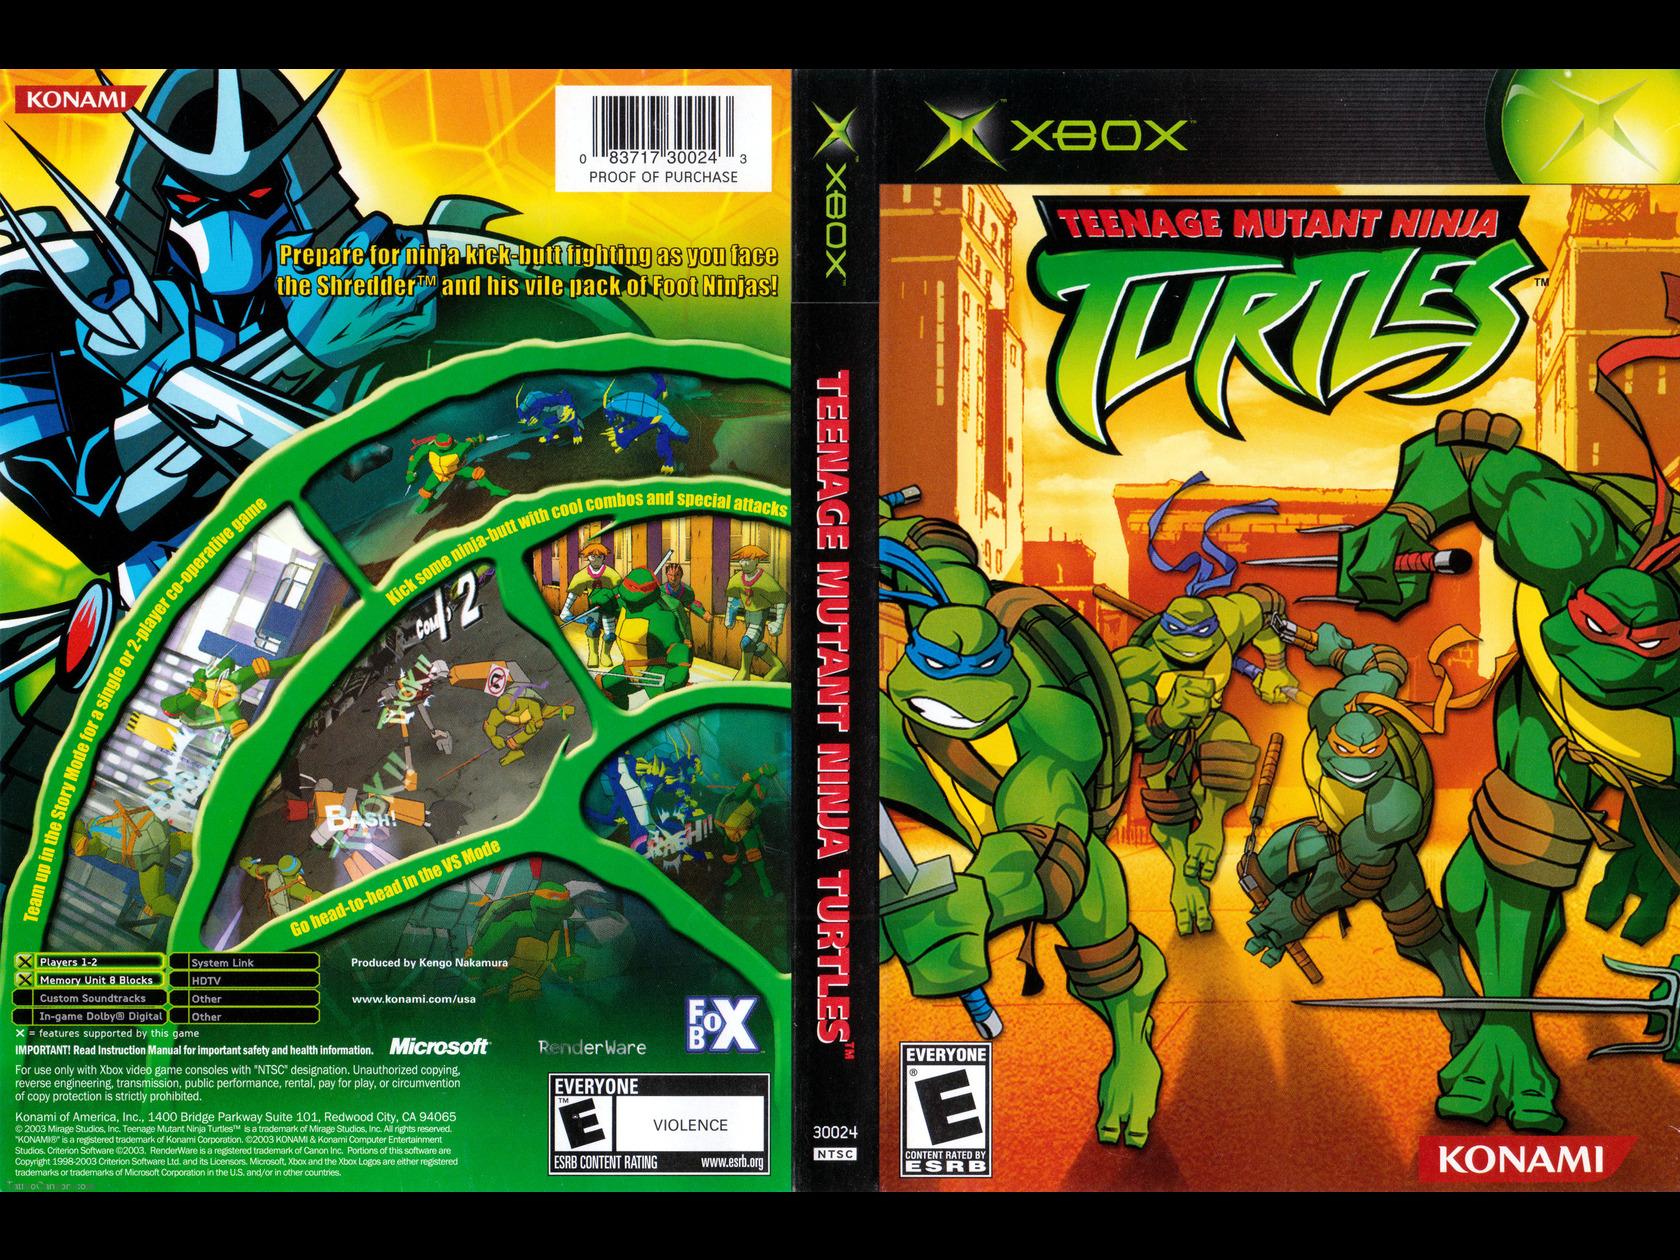 Teenage Mutant Ninja Turtles Sleeve Tattoo Windows 8 Hd Wallpapers 1680x1260